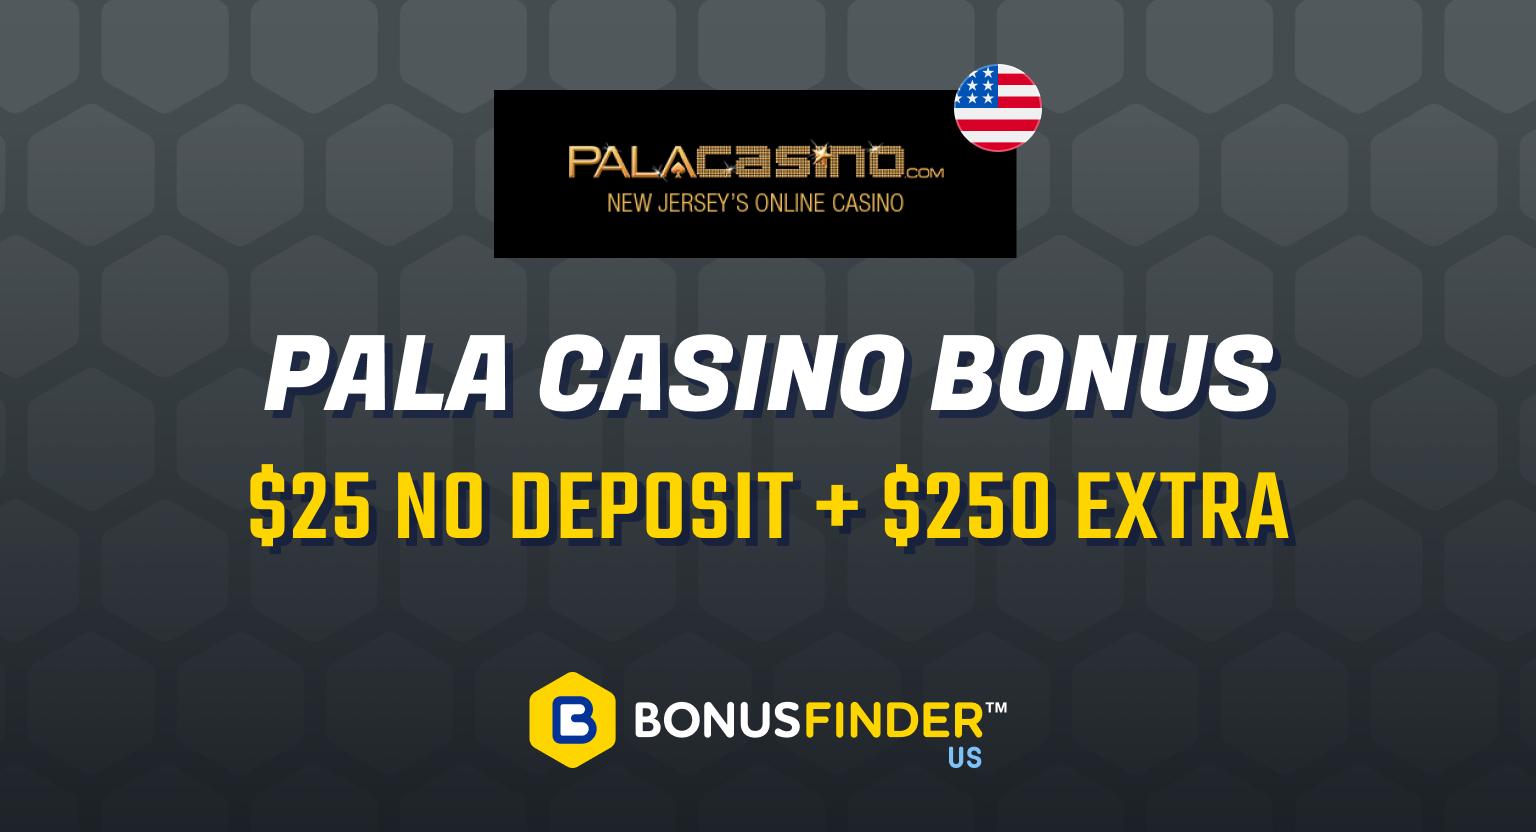 Pala Casino Bonus Code